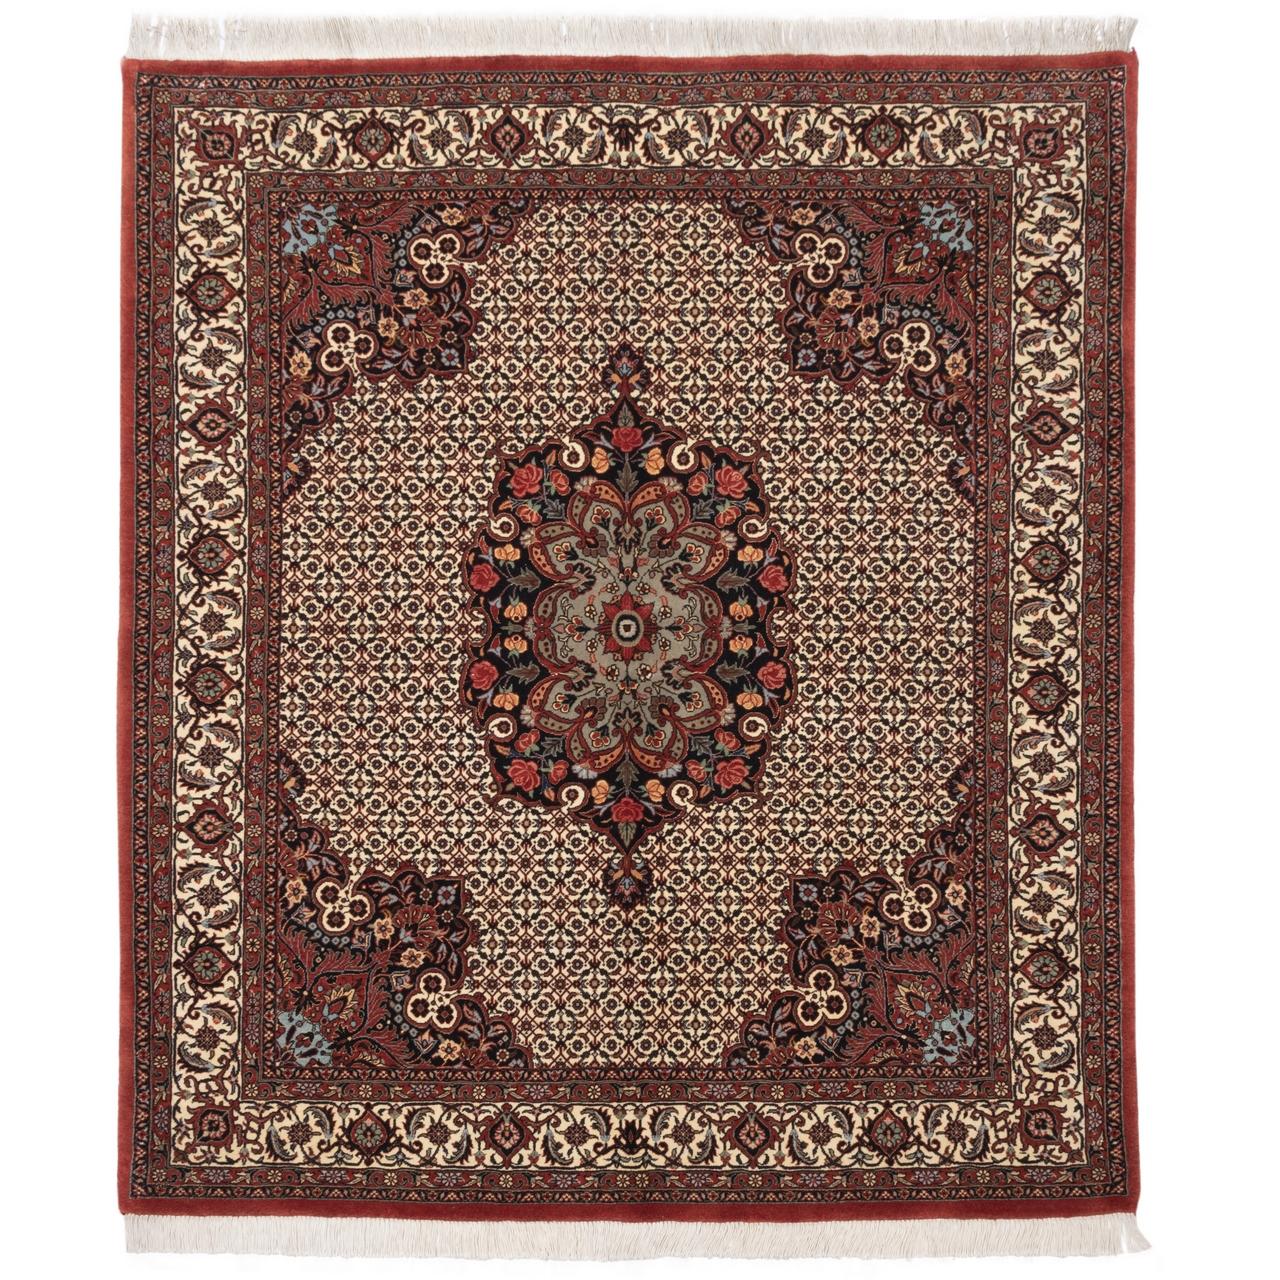 فرش دستباف سه متری سی پرشیا کد 174022